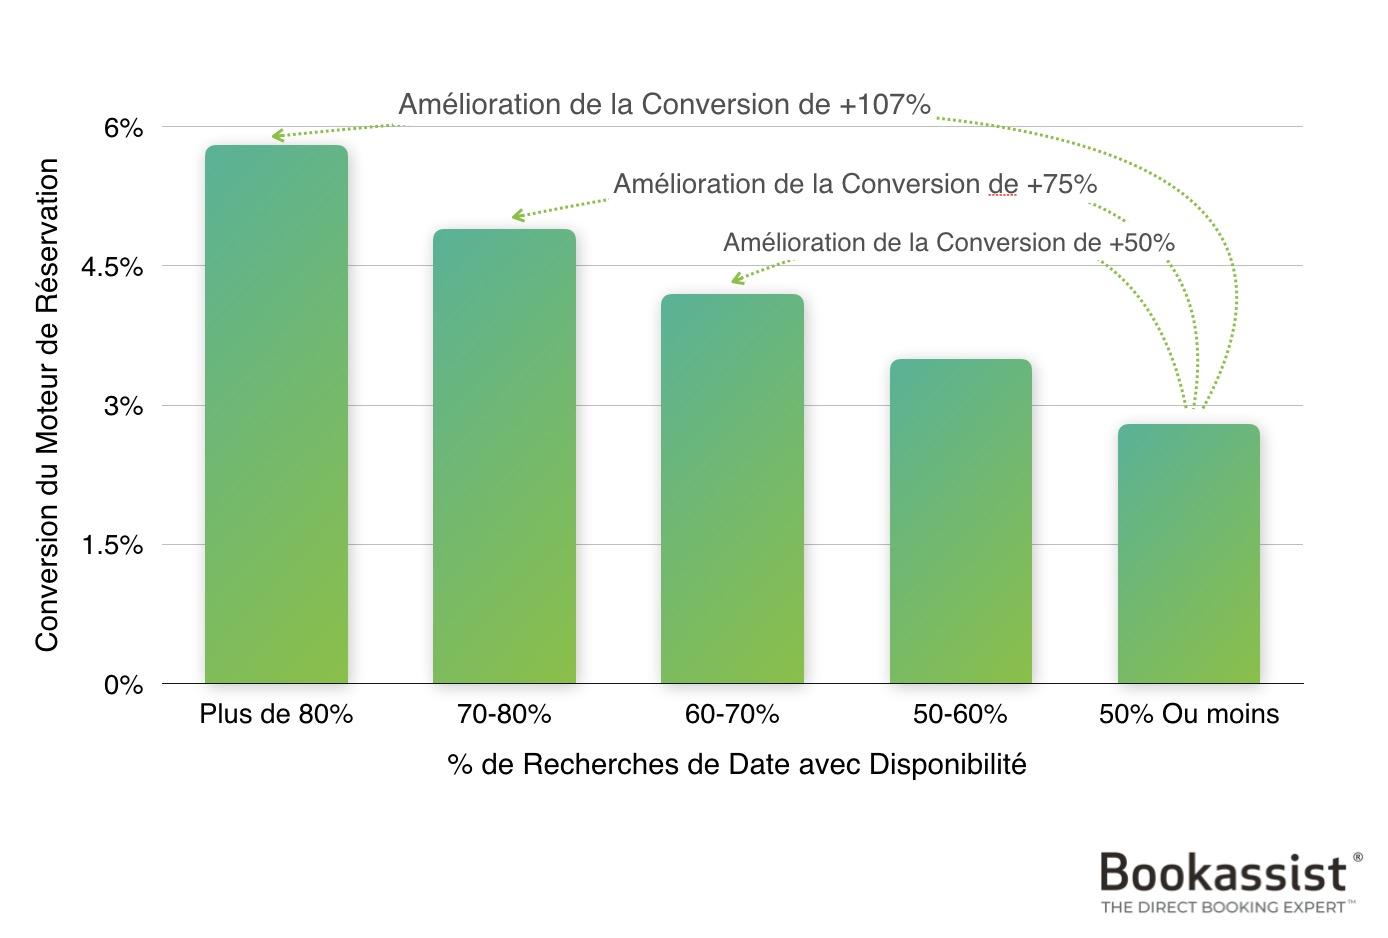 Figure 1 –Lorsque les recherches de date sont positives, la conversion l'est aussi. Il est essentiel de conserver de la disponibilité pour la réservation directe.